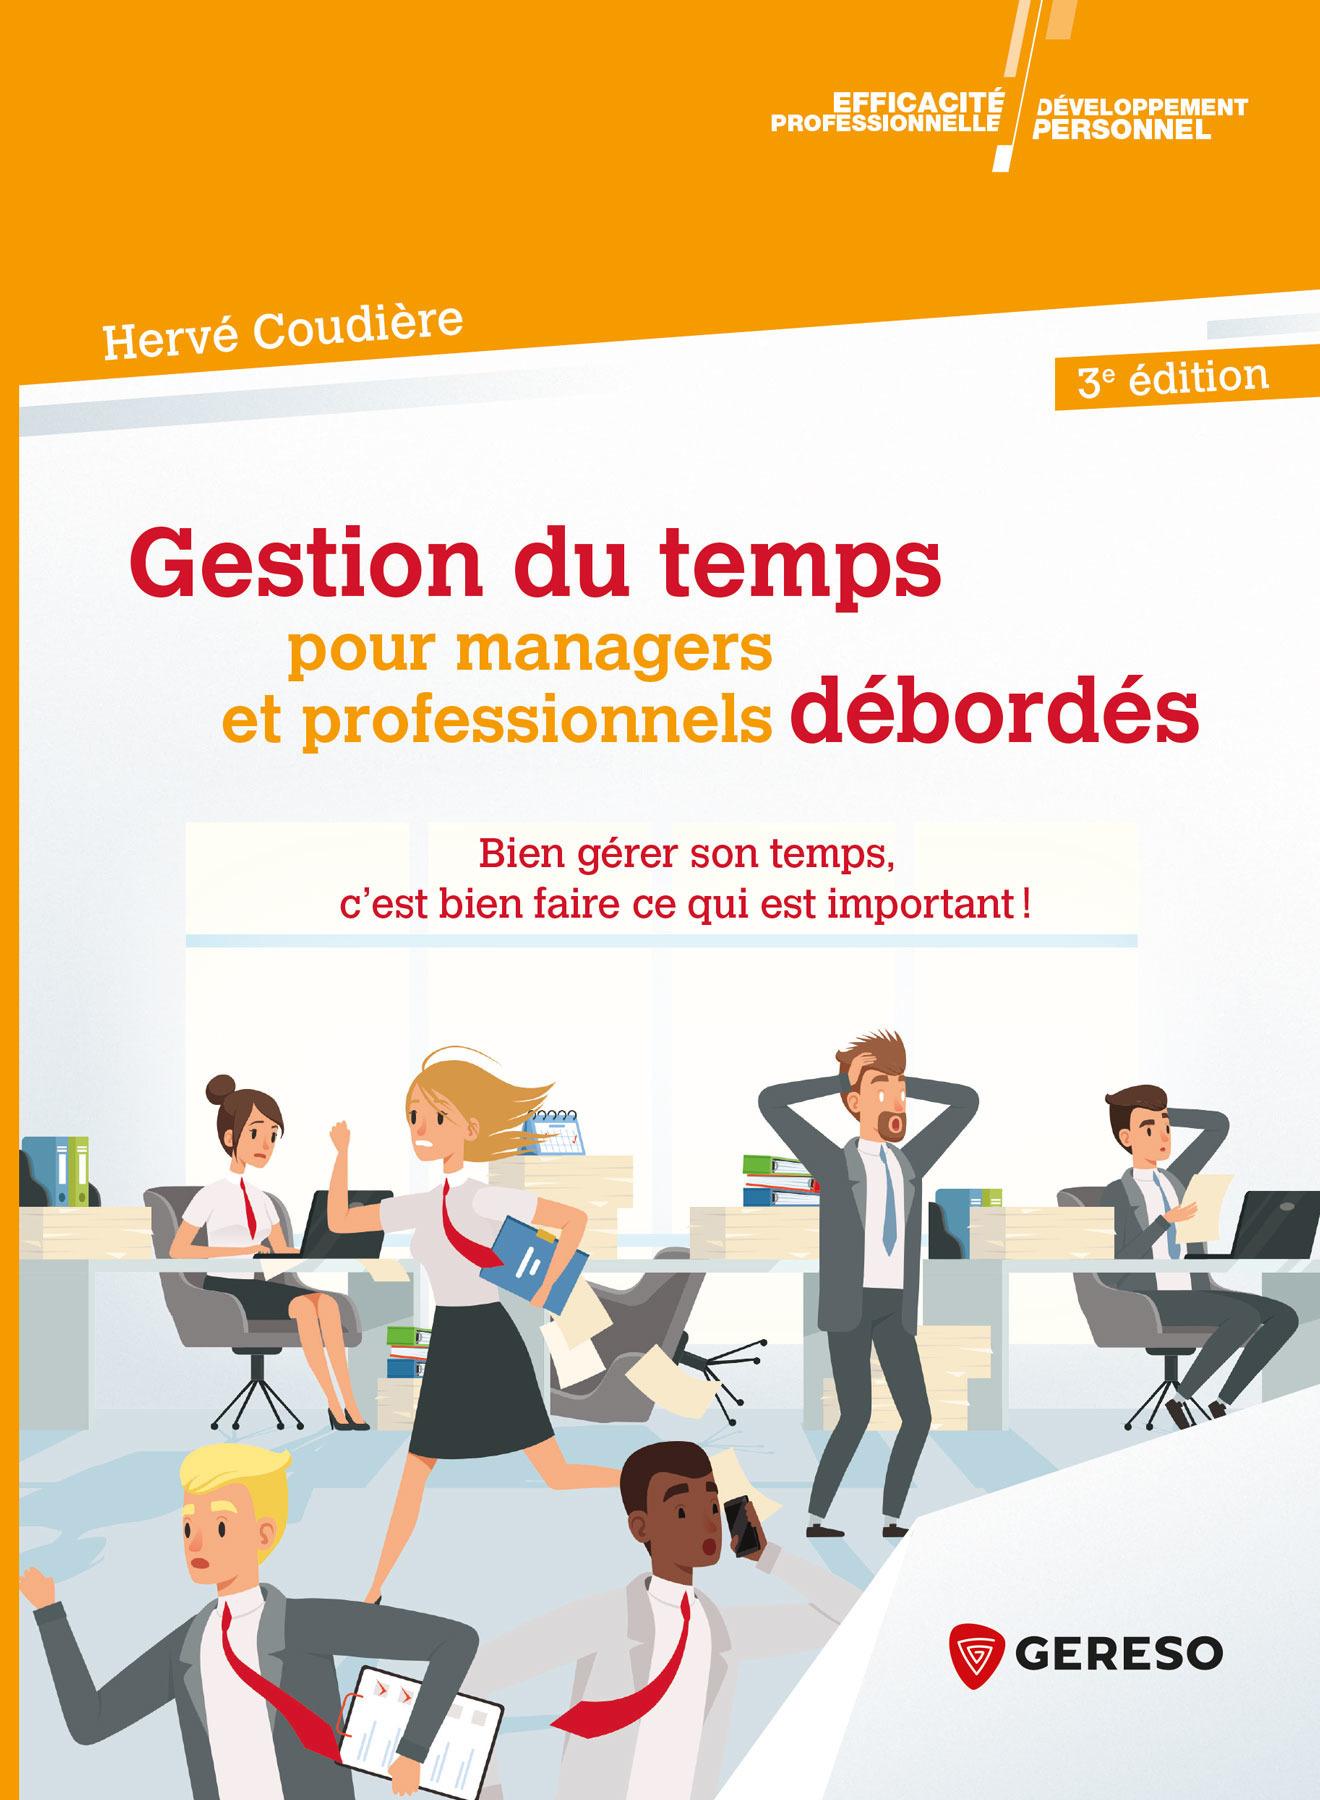 Gestion du temps pour managers et professionnels débordés (3e édition)